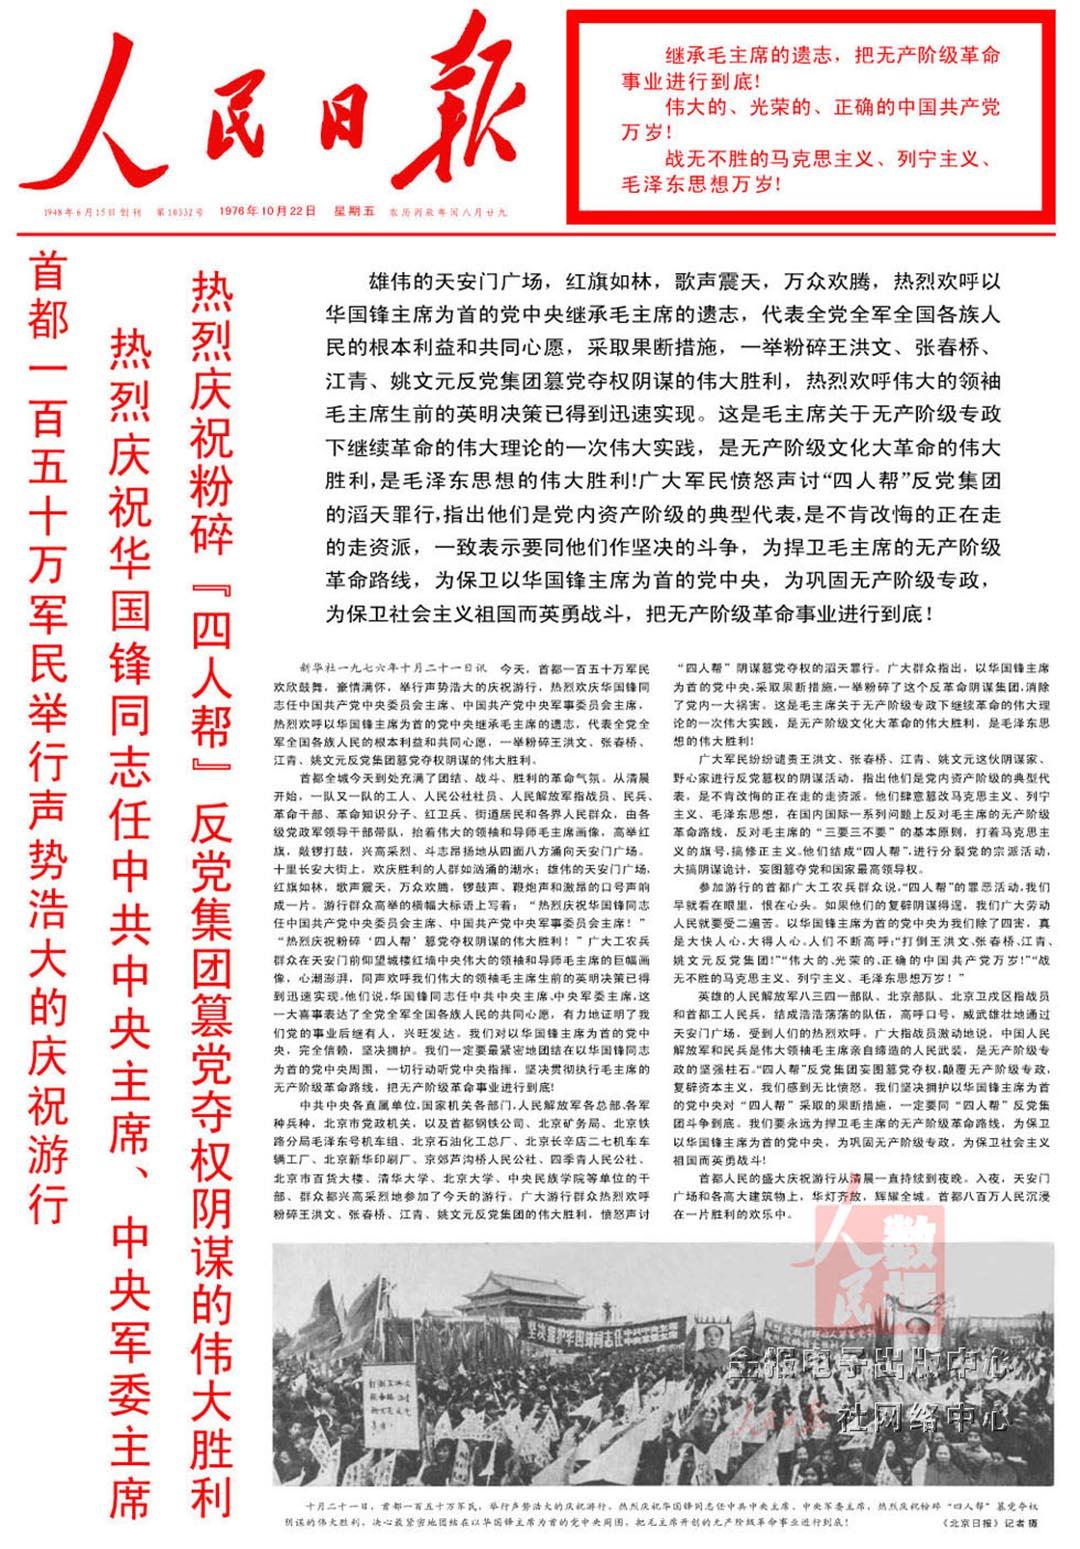 《人民日報》1976年10月22日對百萬人遊行的報道。圖由人民日報圖文數據庫提供。